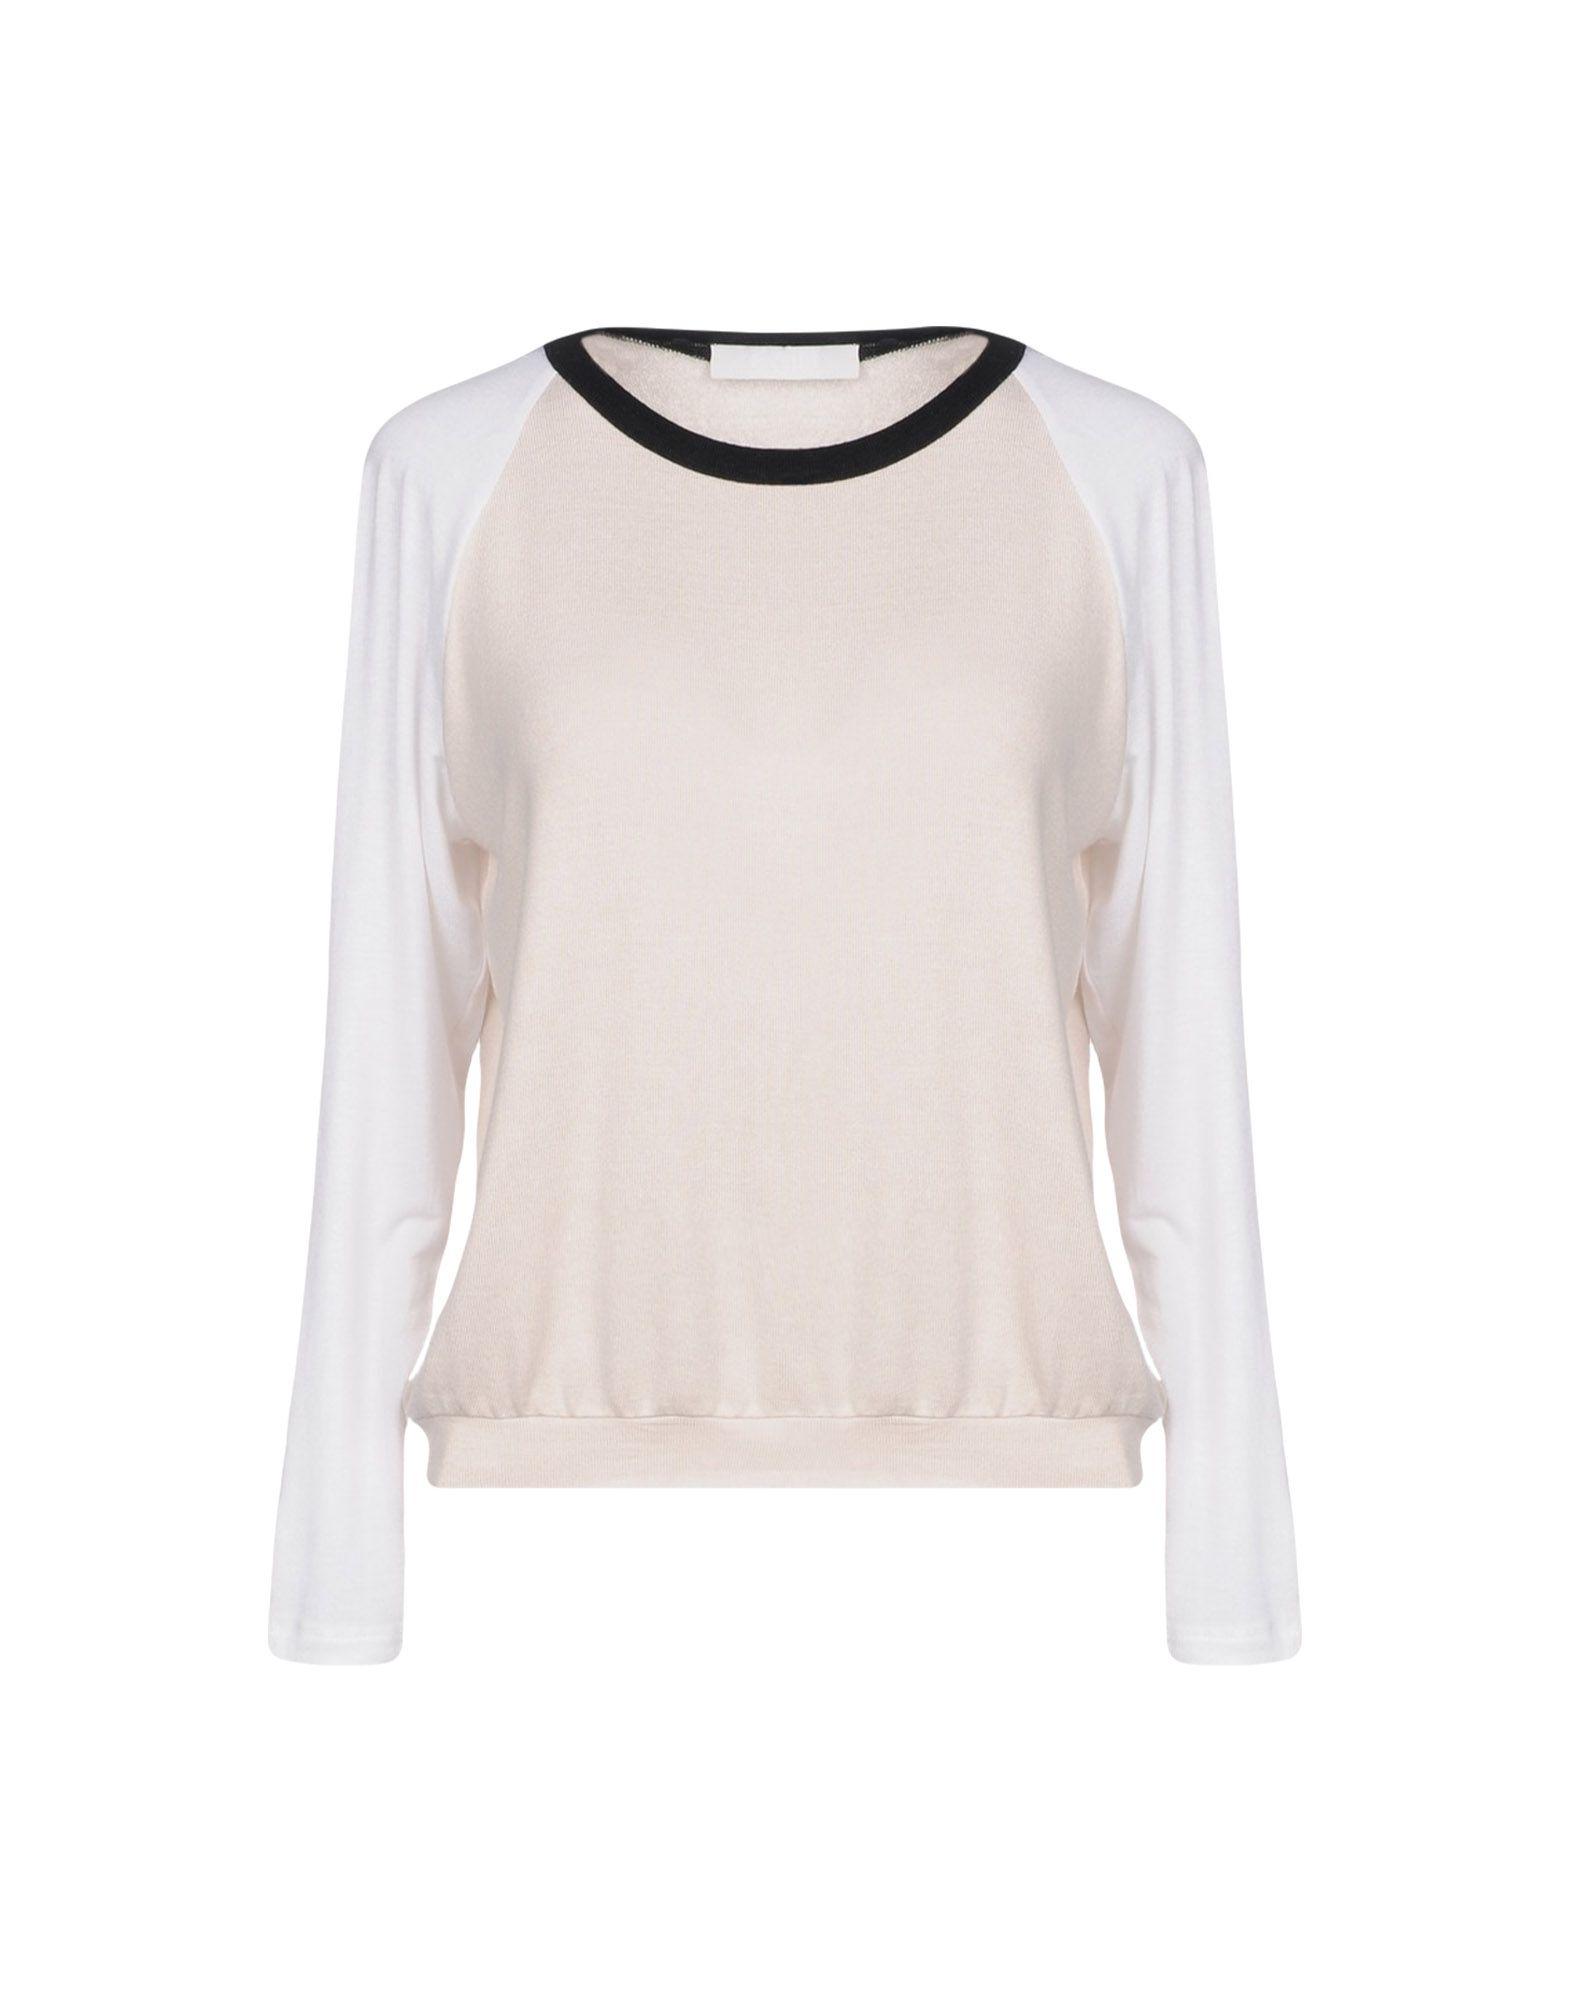 Pullover Kain Donna - Acquista online su tjgoMegXk